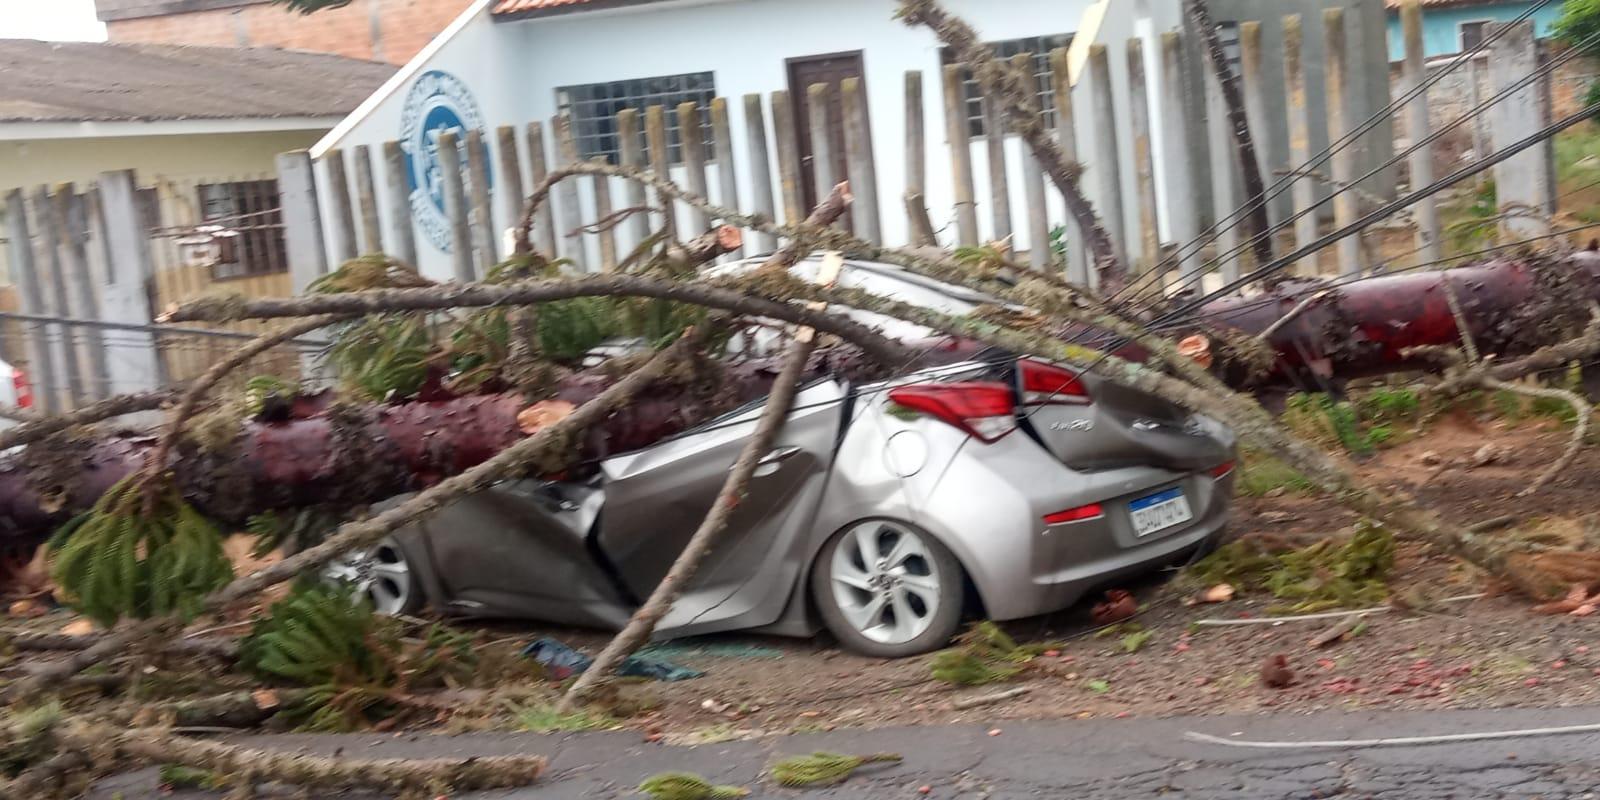 Agora: Árvore esmaga carro no bairro Santa Marta em PG